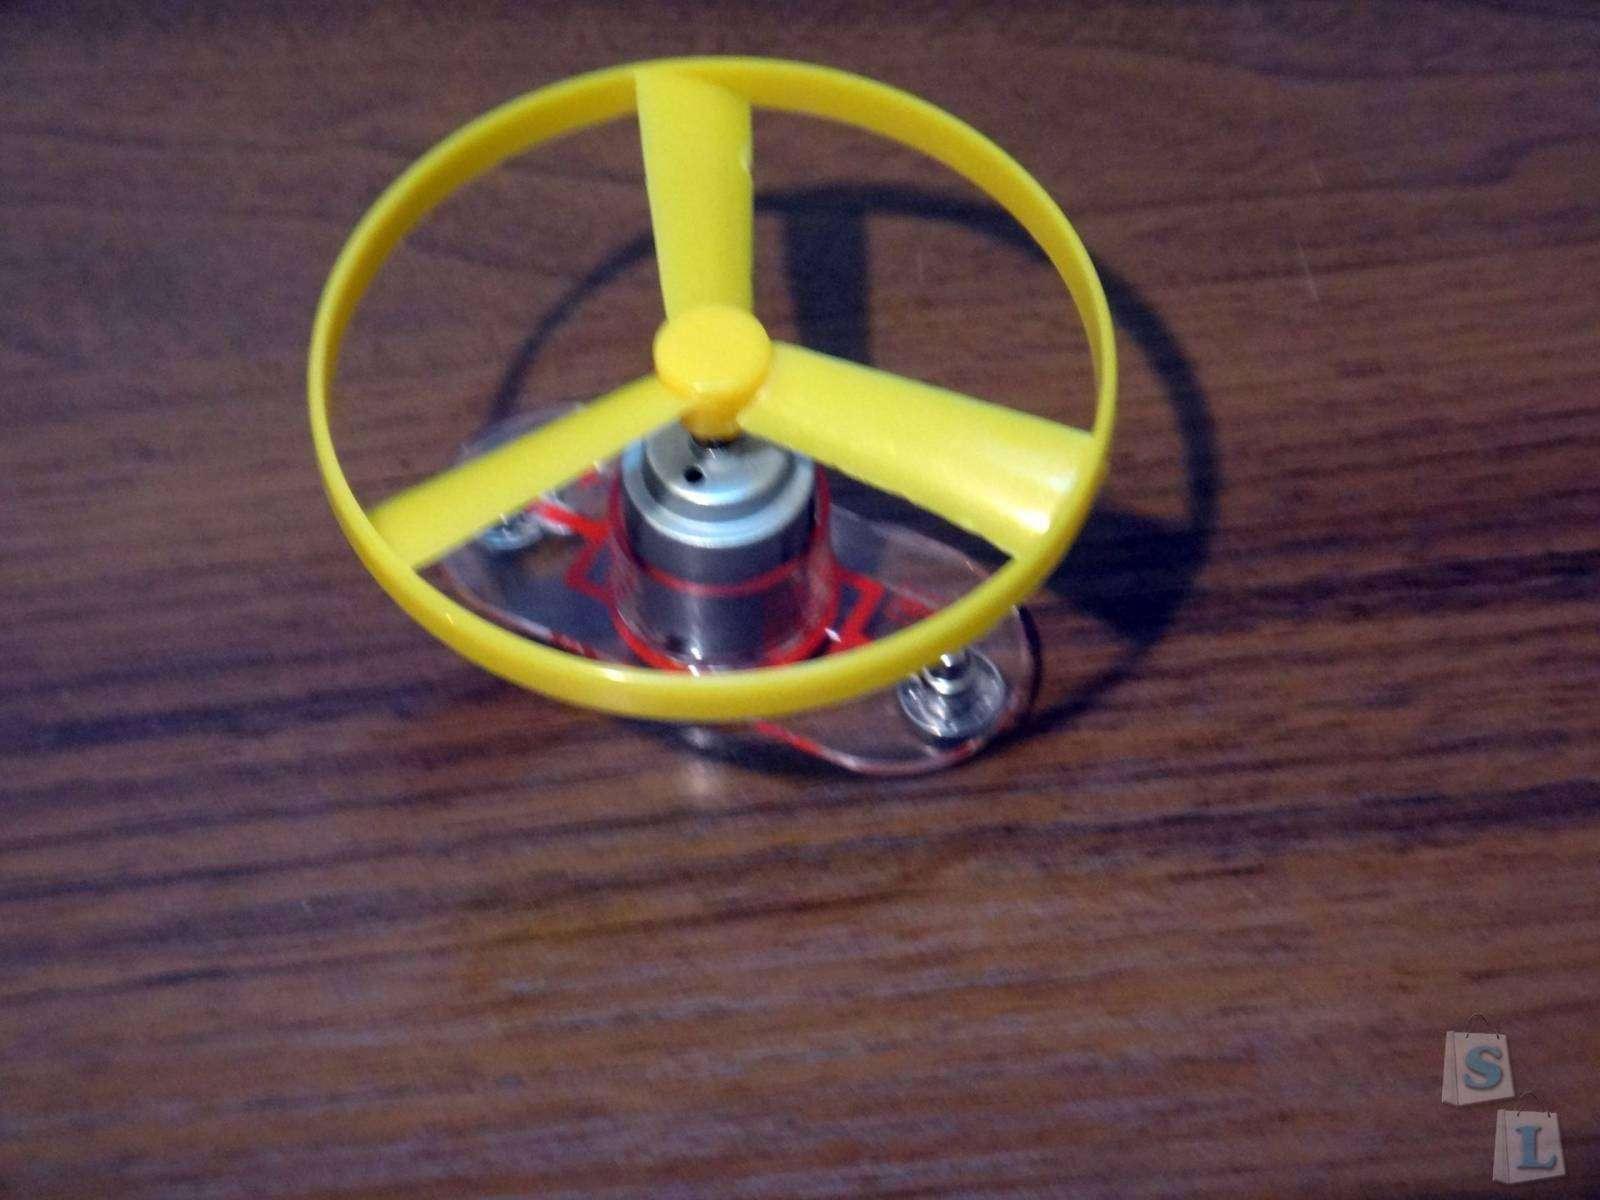 Розетка: Обзор конструктора 'Знаток' - детский электронный конструктор без пайки на 180 схем